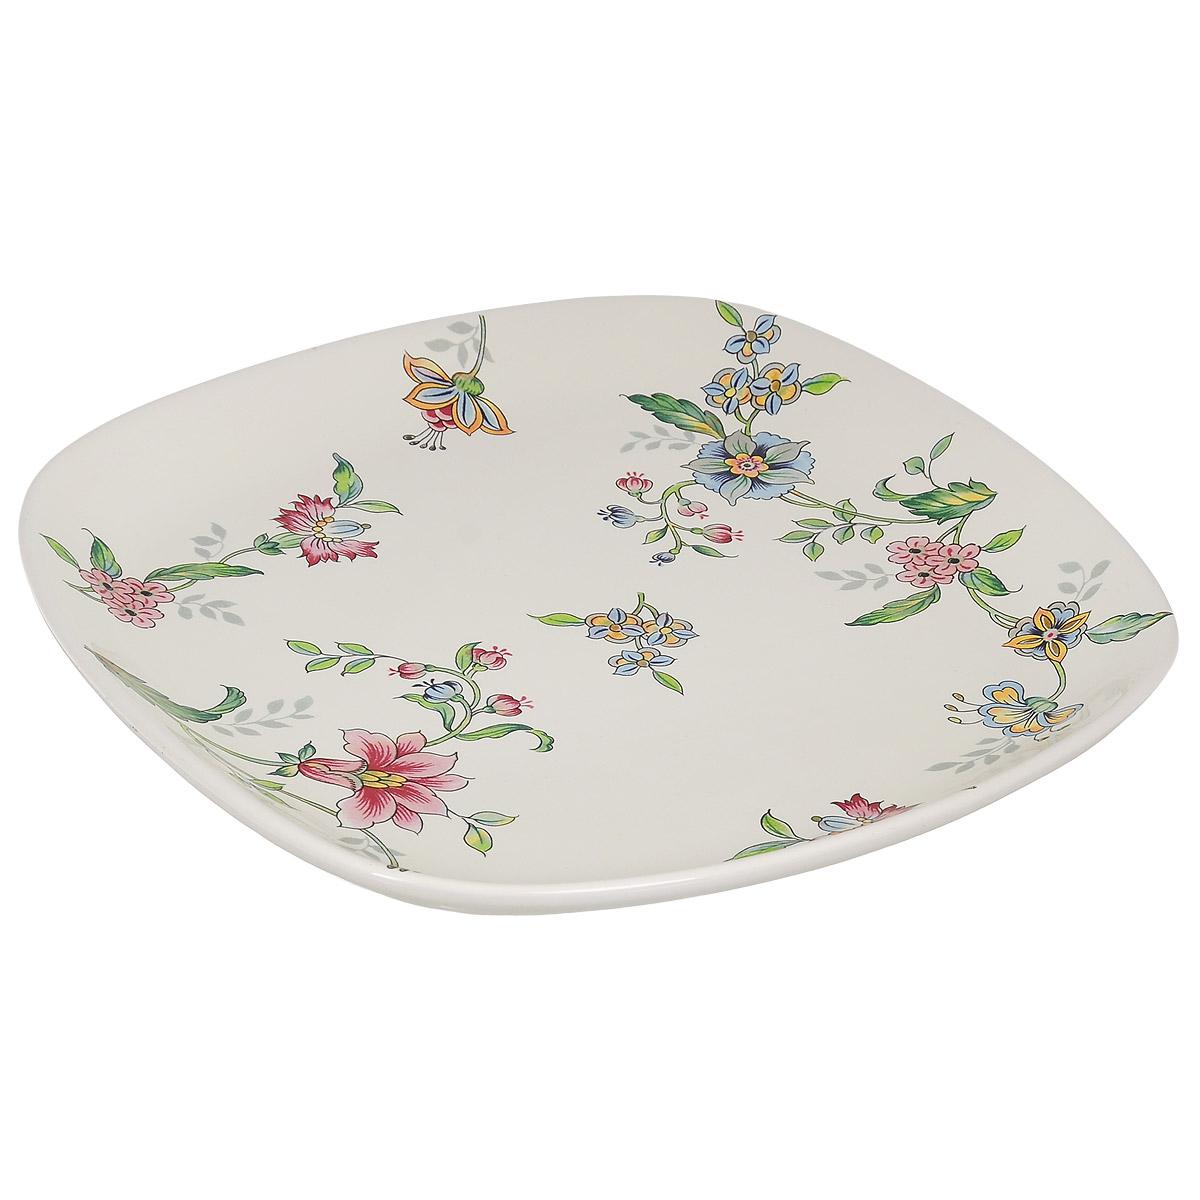 Тарелка Nuova Cer Прованс, 25,5 см х 25,5 смPRV-1590/2Изящная тарелка Nuova Cer Прованс изготовлена из высококачественной керамики. Изделие оформлено красочным изображением цветов. Предназначена для сервировки закусок и различных блюд, а также для подачи вторых блюд. Оригинальная тарелка прекрасно оформит стол и порадует вас лаконичным и ярким дизайном. Можно использовать в микроволновой печи и мыть в посудомоечной машине. Размер тарелки (по верхнему краю): 25,5 см х 25,5 см. Высота тарелки: 3,3 см.